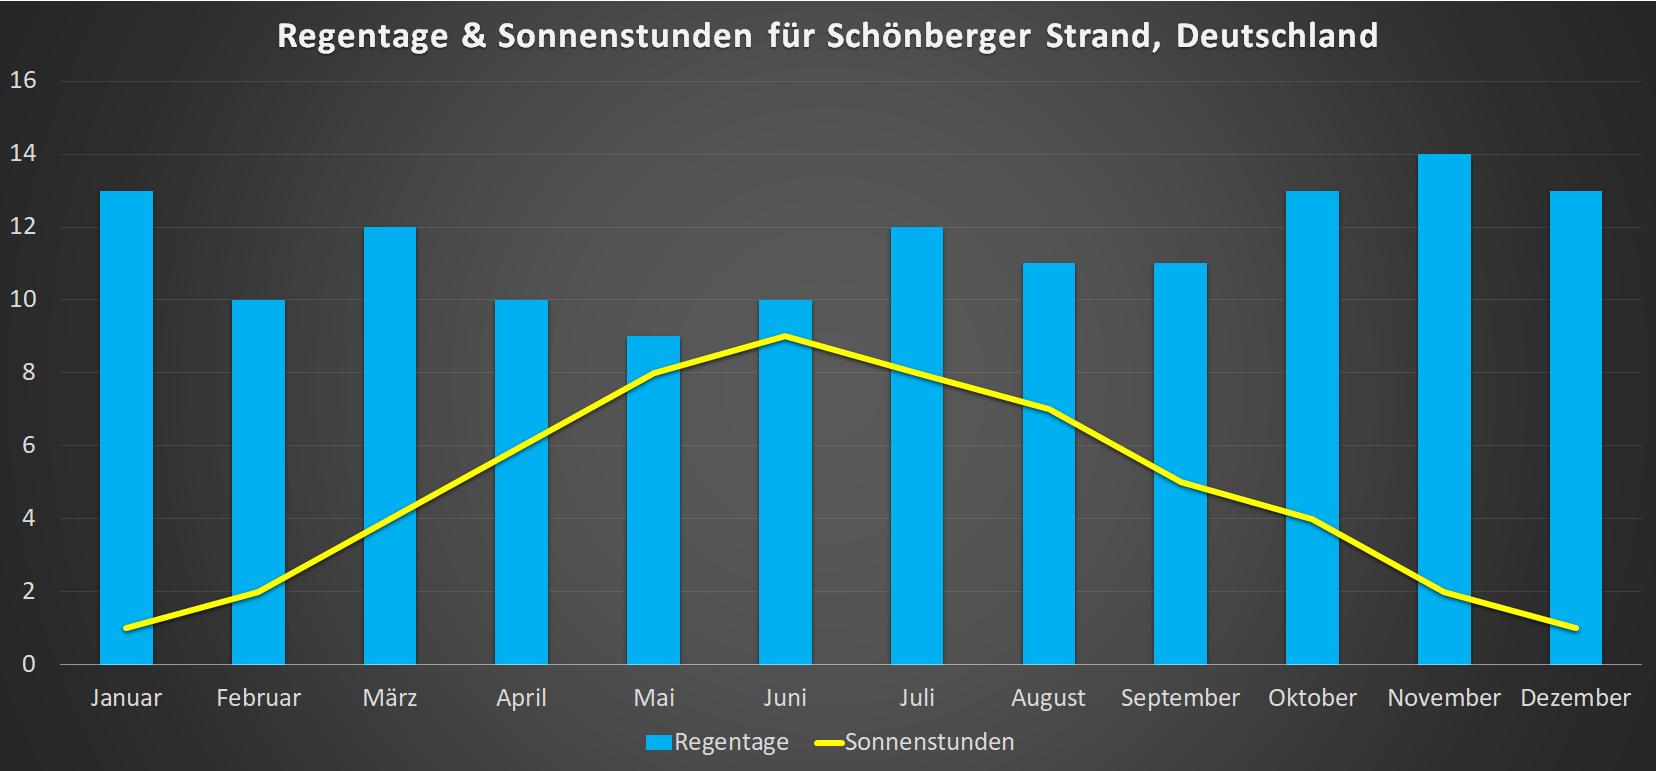 Regentage & Sonnenstunden für Schoenberger Strand im Jahresverlauf